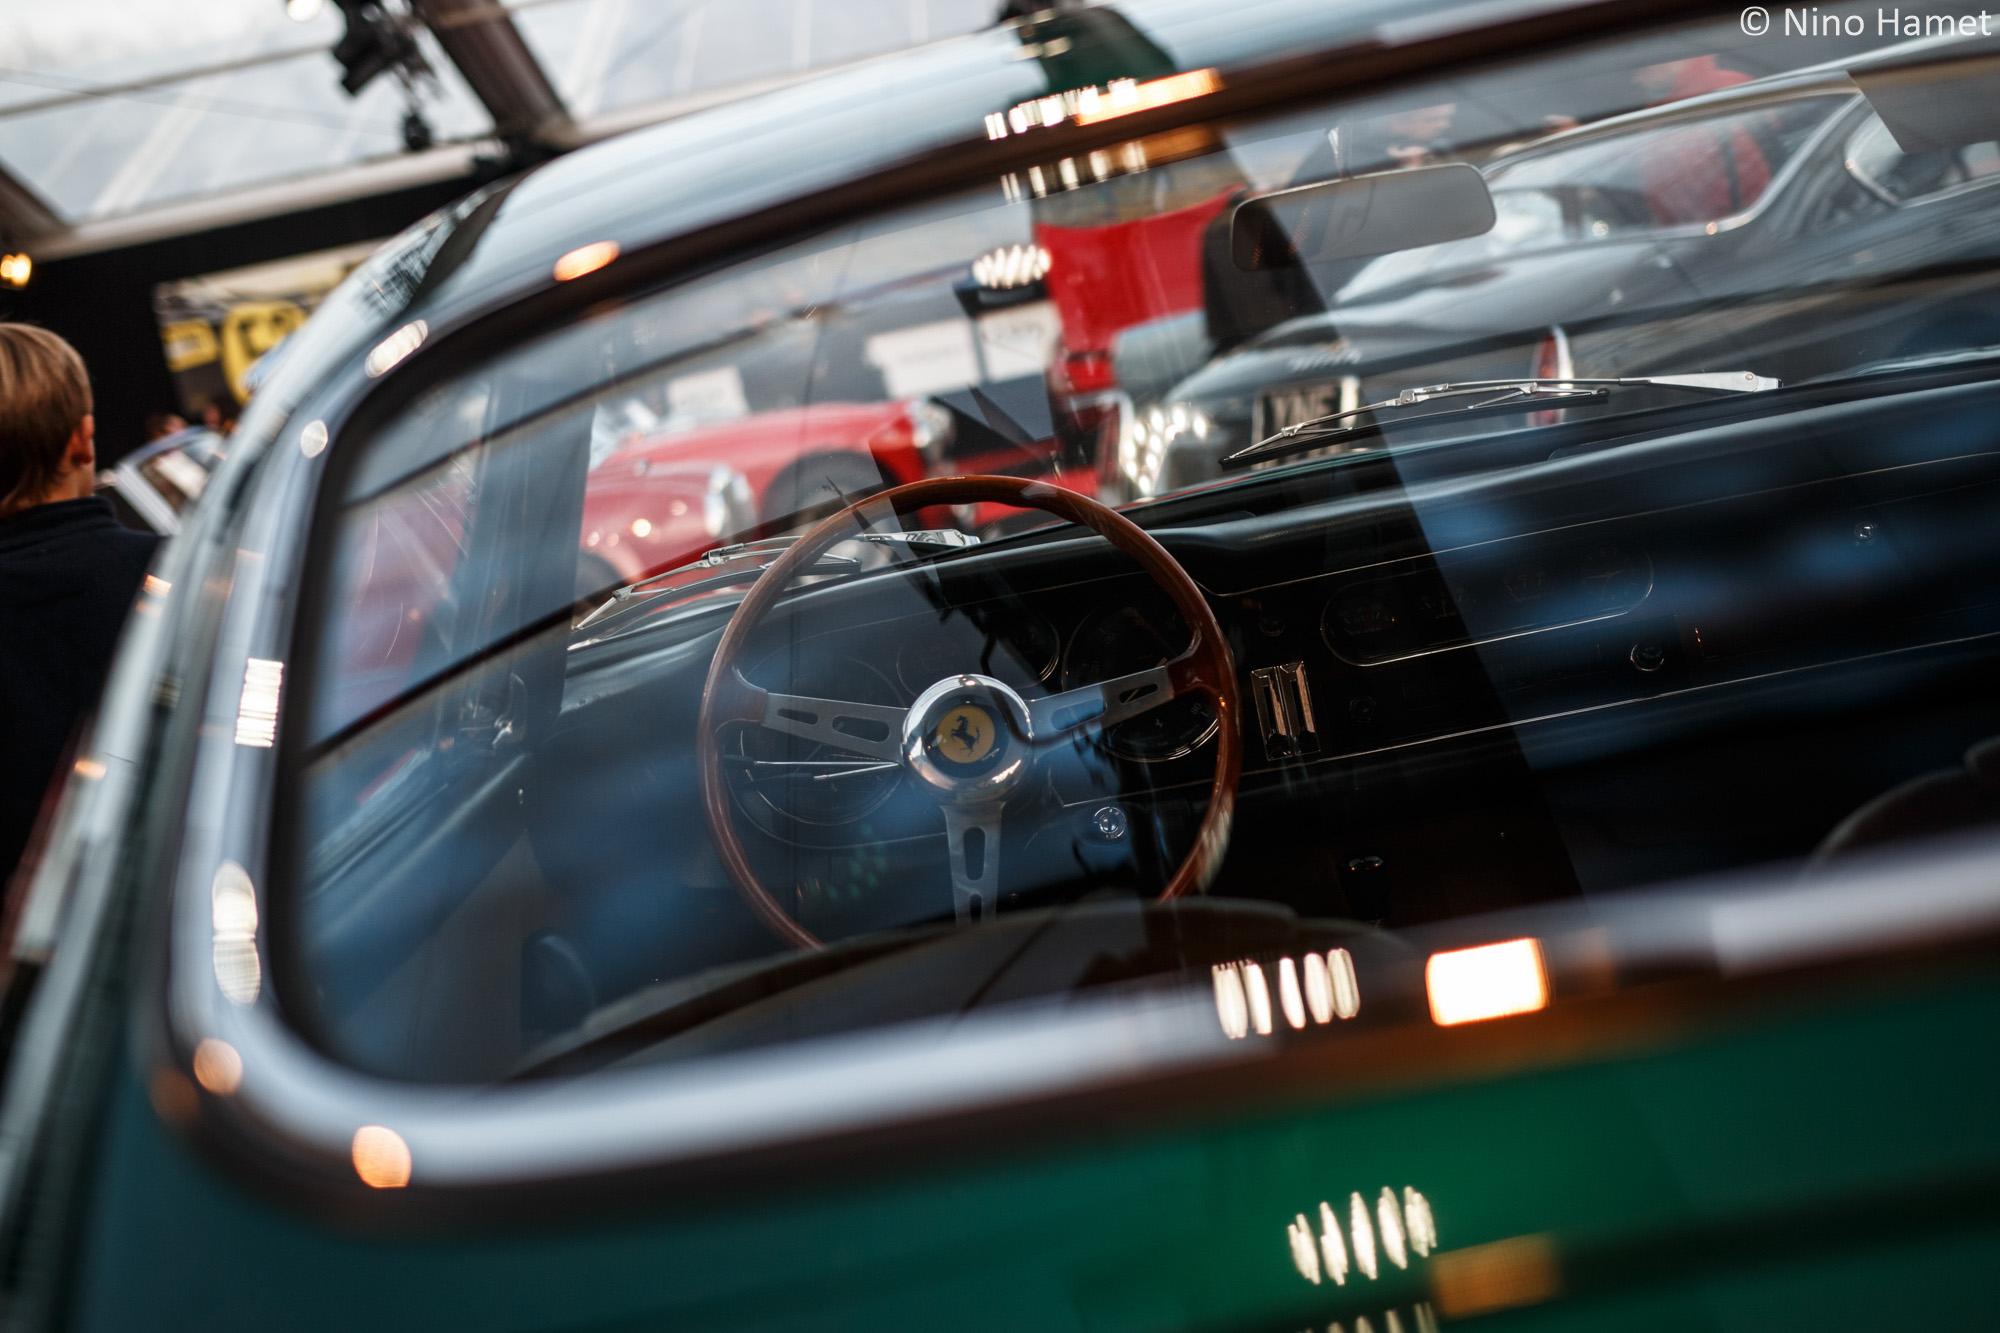 Le Verde Pino de la 275 GTB Shortnose s'accorde sobrement avec l'intérieur.